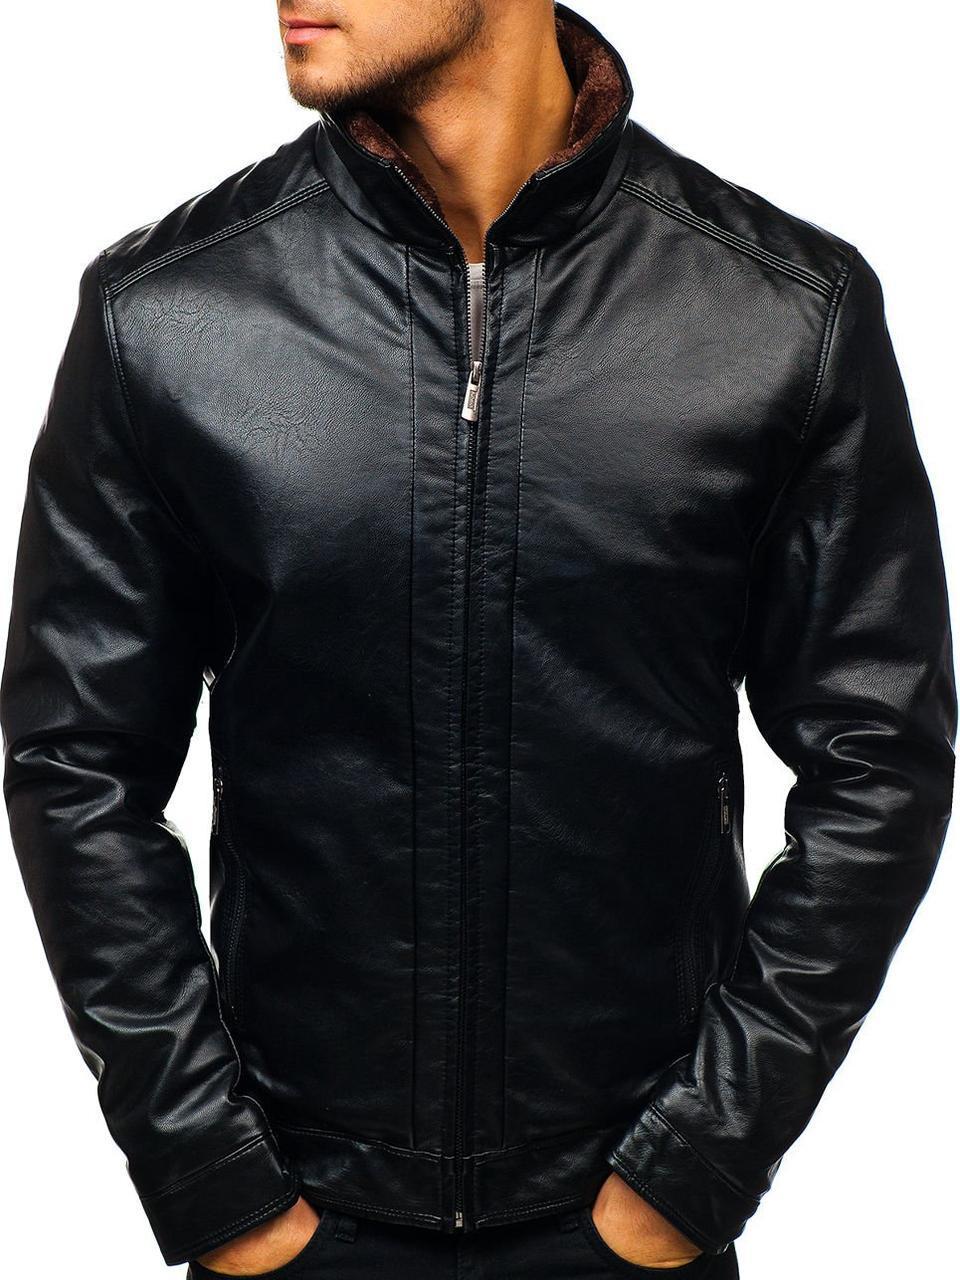 Куртка эко-кожа черная мужская на меху